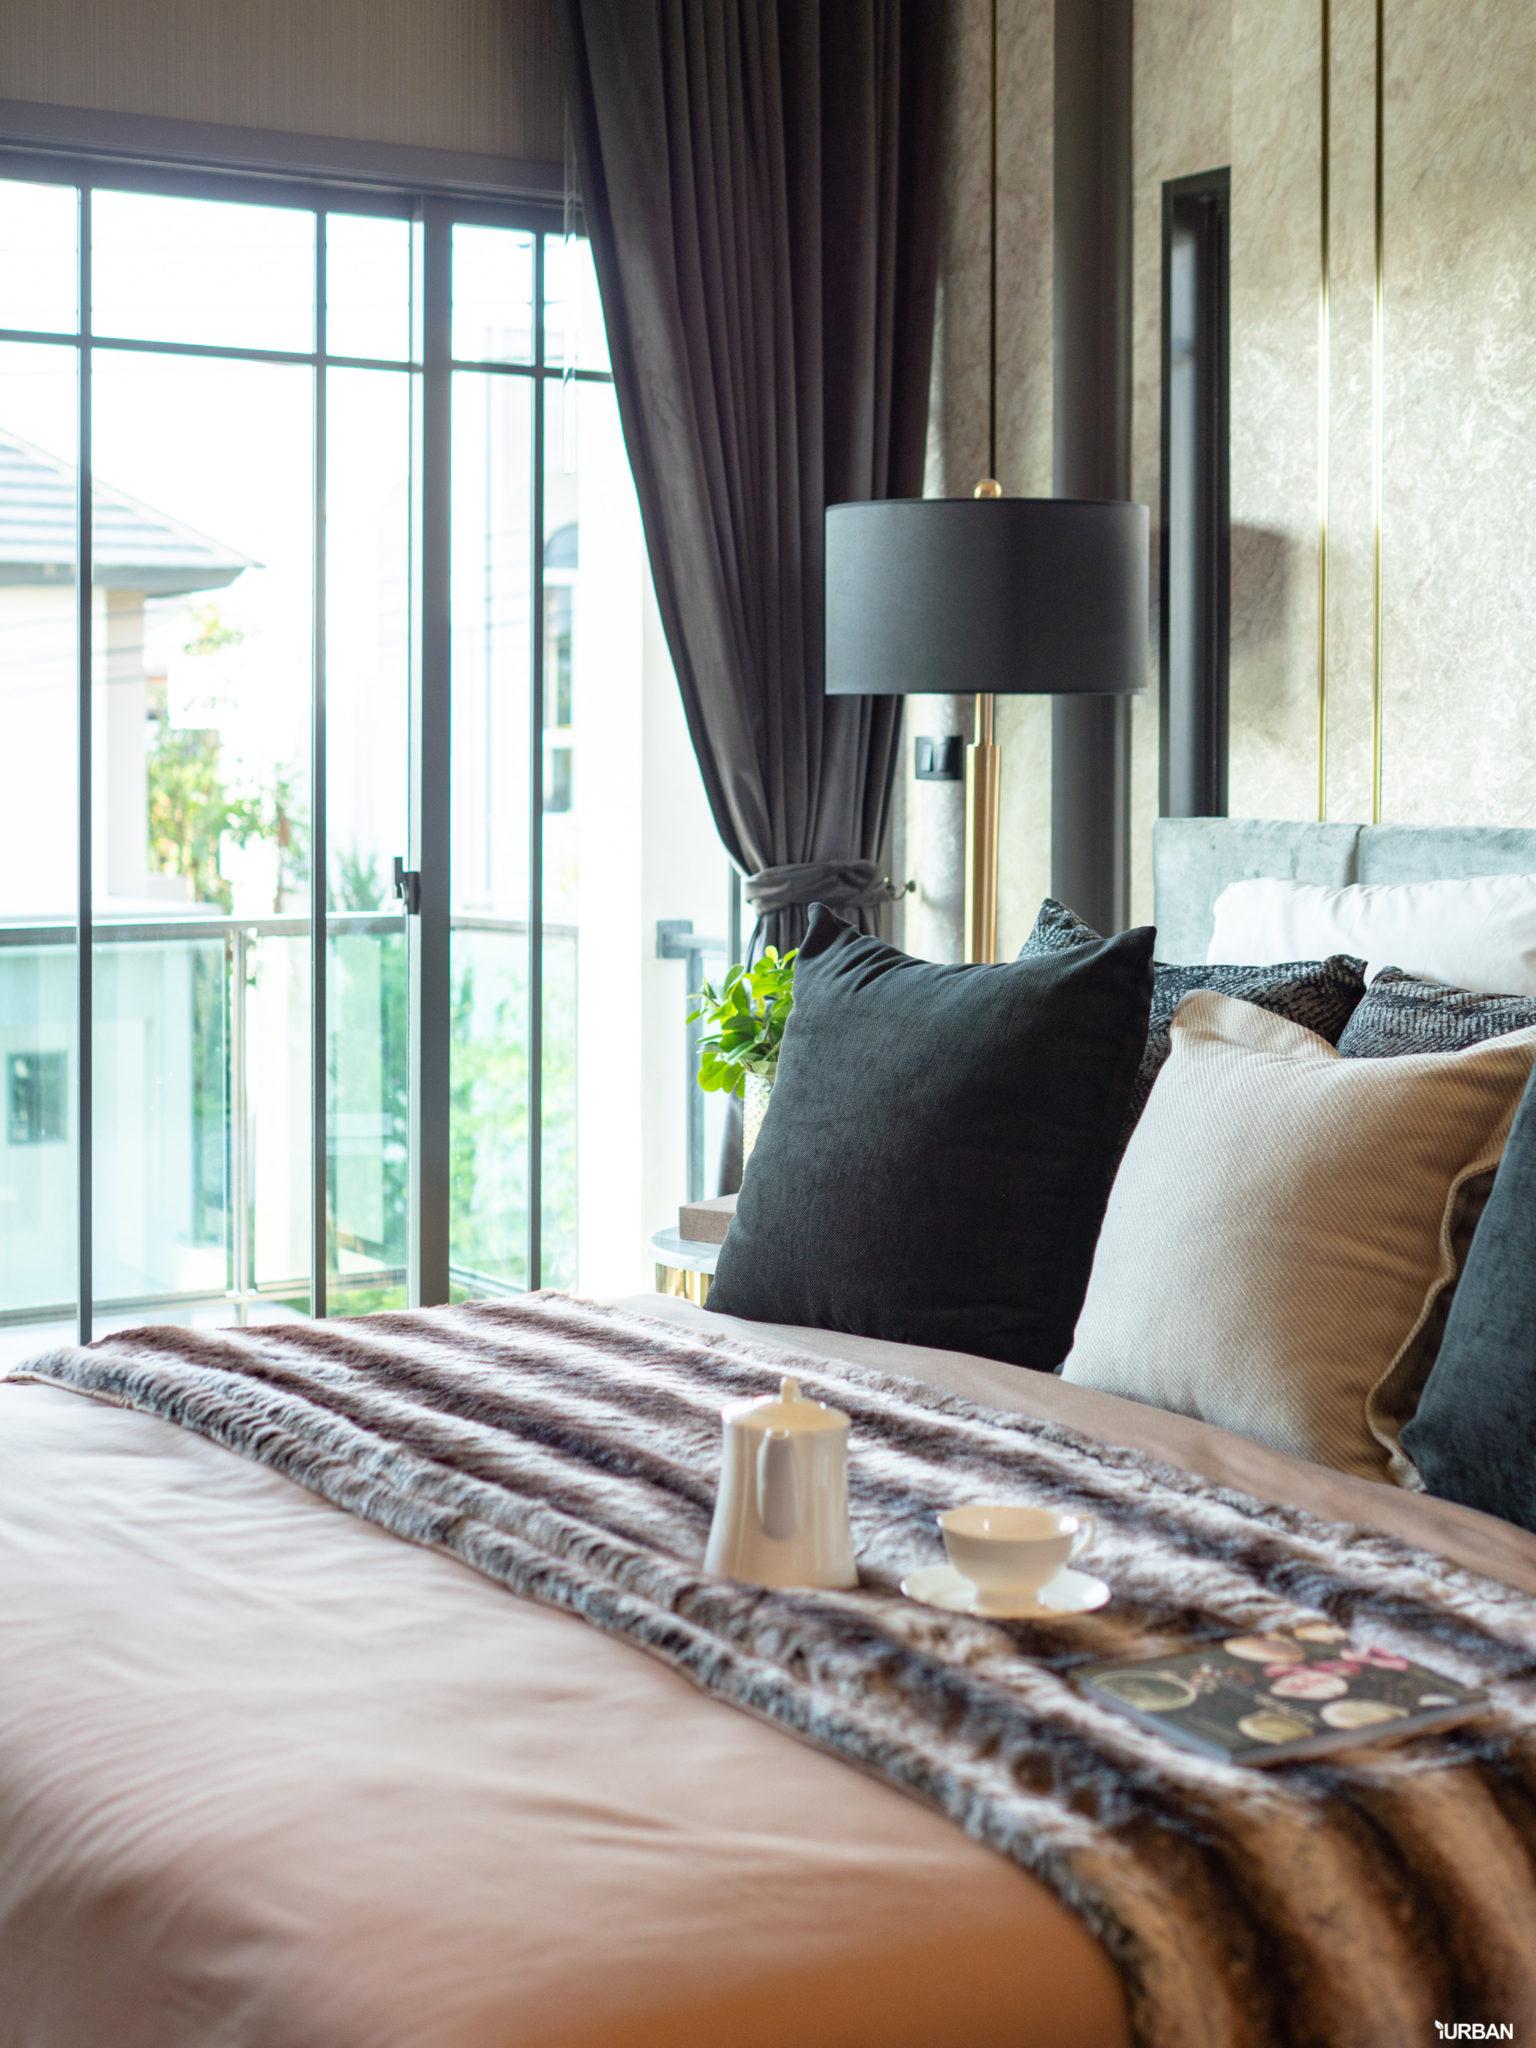 รีวิว บางกอก บูเลอวาร์ด รามอินทรา-เสรีไทย 2 <br>บ้านเดี่ยวสไตล์ Luxury Nordic เพียง 77 ครอบครัว</br> 51 - Boulevard